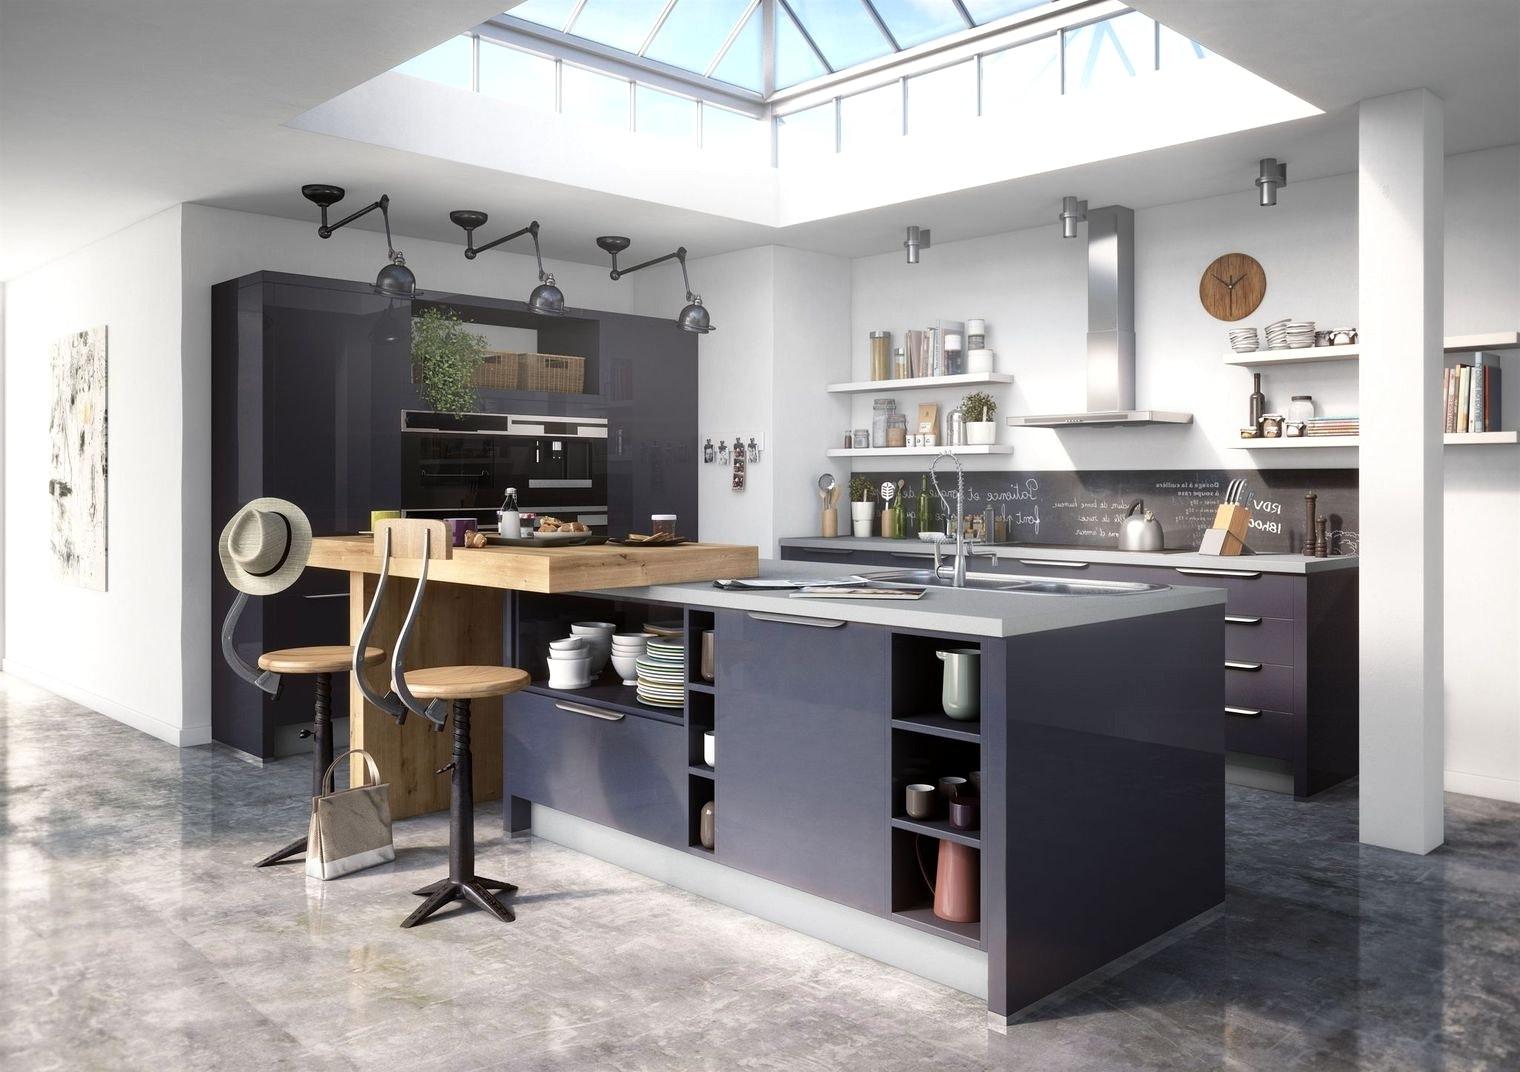 Plan de cuisine en u avec ilot - Atwebster.fr - Maison et ...